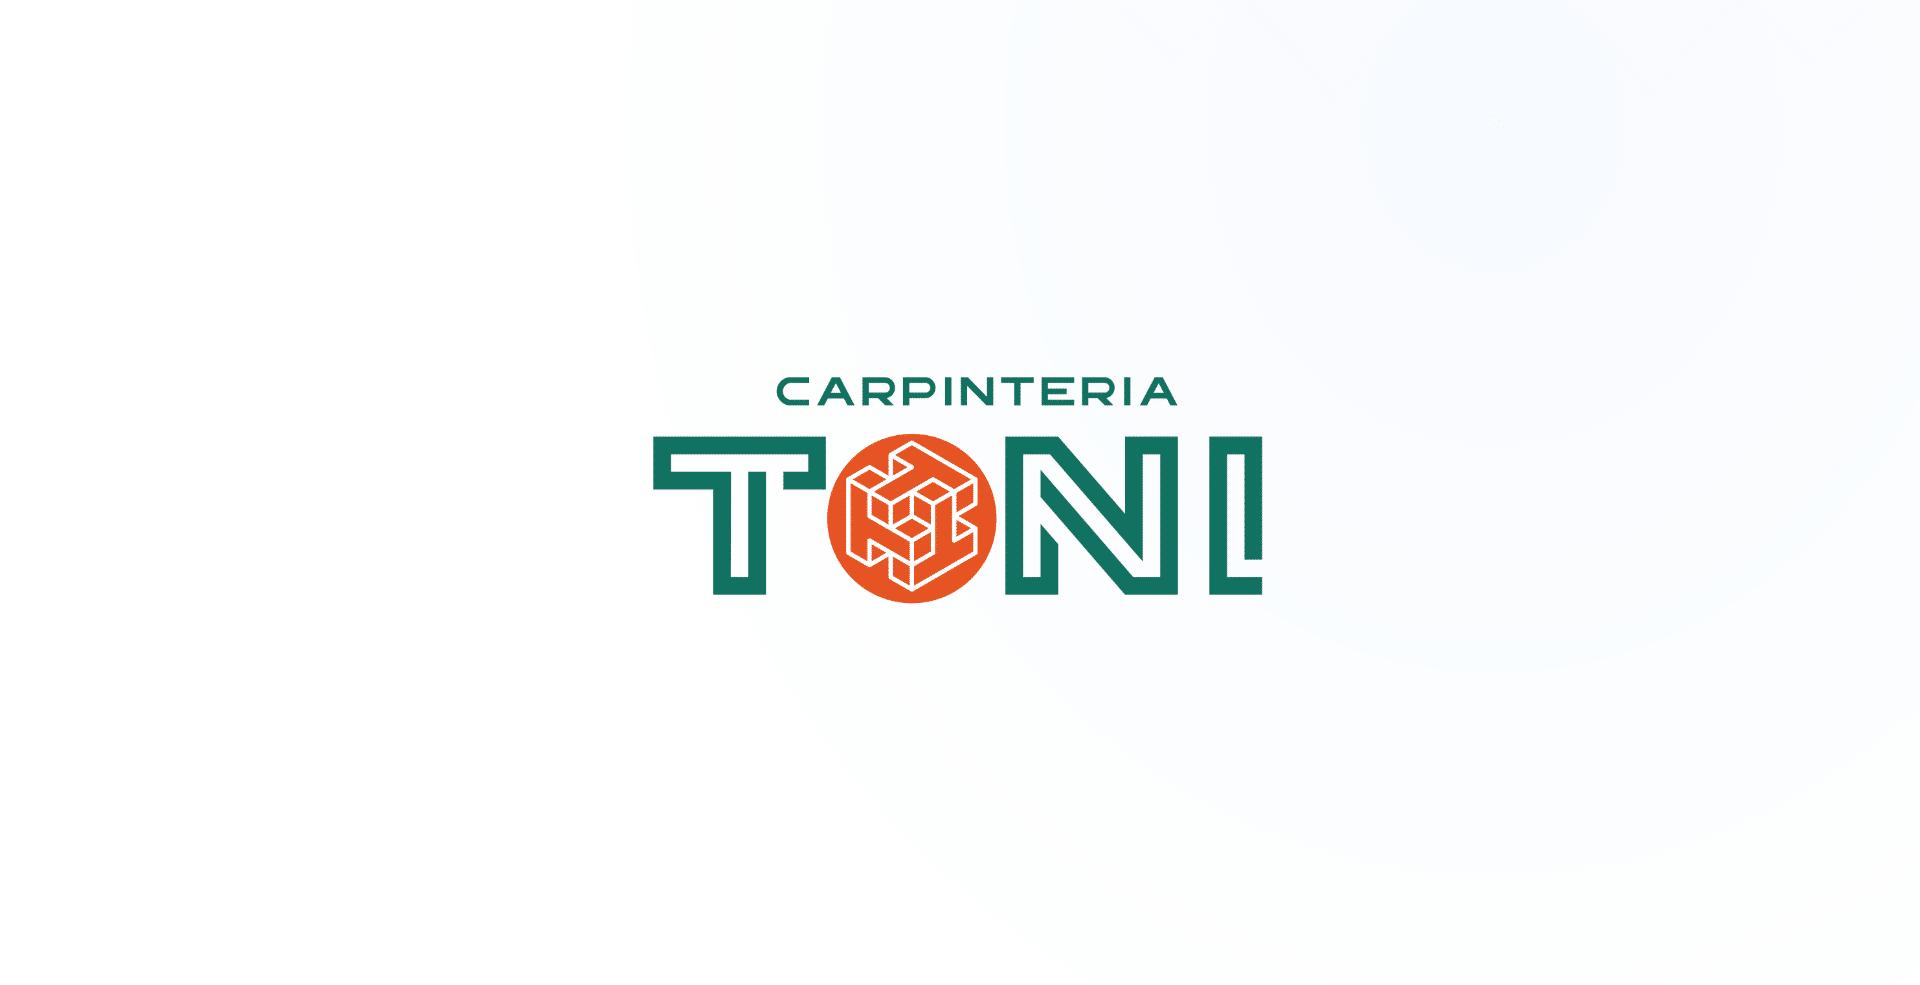 Diseño Identidad Corporativa Carpintería Toni